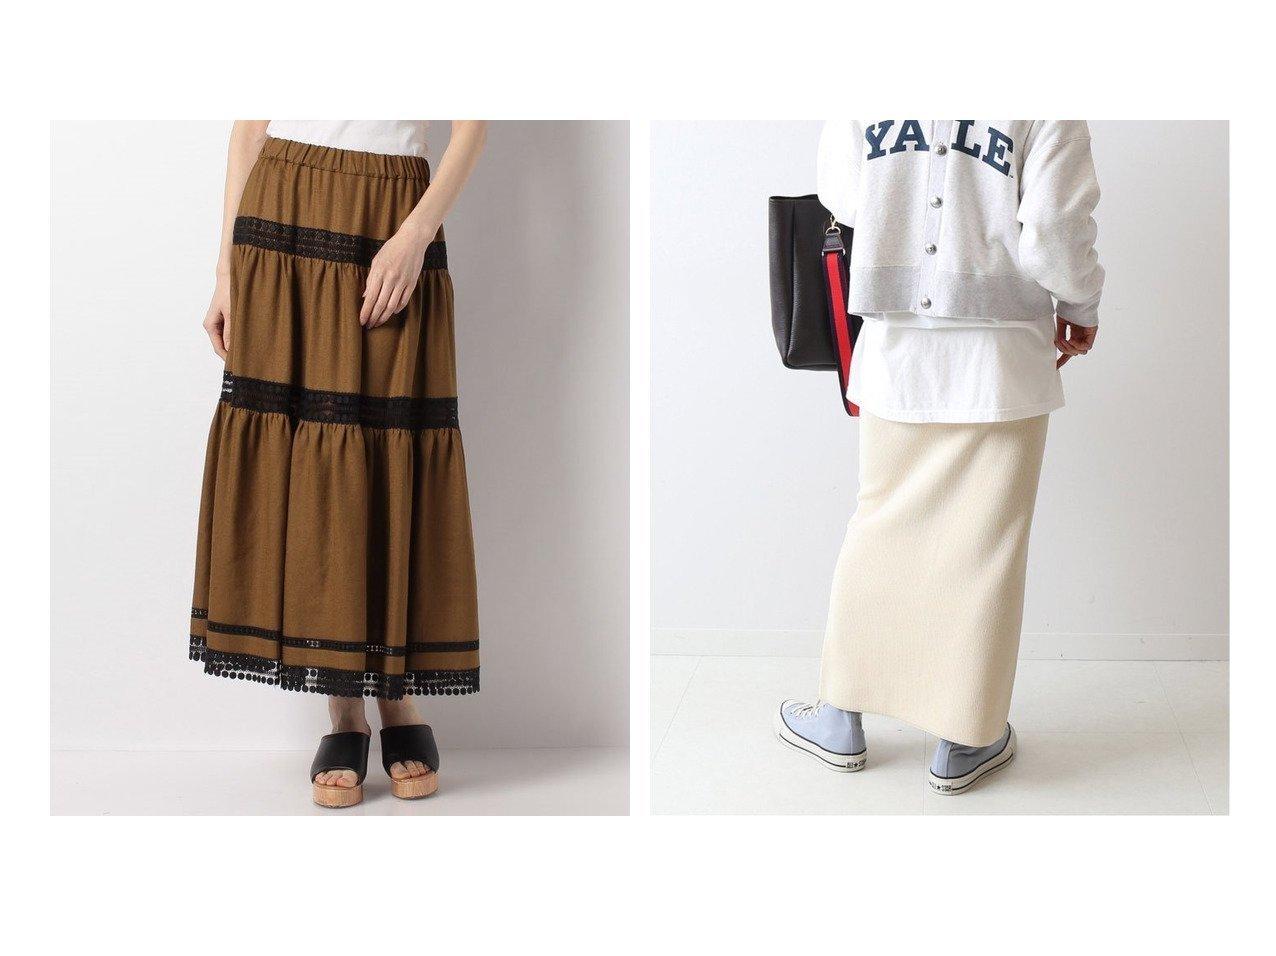 【FRAMeWORK/フレームワーク】のコットンハリヌキスカート2&【ANAYI/アナイ】のリネンライクティアードスカート 【スカート】おすすめ!人気、トレンド・レディースファッションの通販  おすすめで人気の流行・トレンド、ファッションの通販商品 メンズファッション・キッズファッション・インテリア・家具・レディースファッション・服の通販 founy(ファニー) https://founy.com/ ファッション Fashion レディースファッション WOMEN スカート Skirt Aライン/フレアスカート Flared A-Line Skirts ティアードスカート Tiered Skirts NEW・新作・新着・新入荷 New Arrivals ギャザー シャイニー フレア レース 2021年 2021 2021春夏・S/S SS/Spring/Summer/2021 S/S・春夏 SS・Spring/Summer おすすめ Recommend セットアップ フィット |ID:crp329100000038323